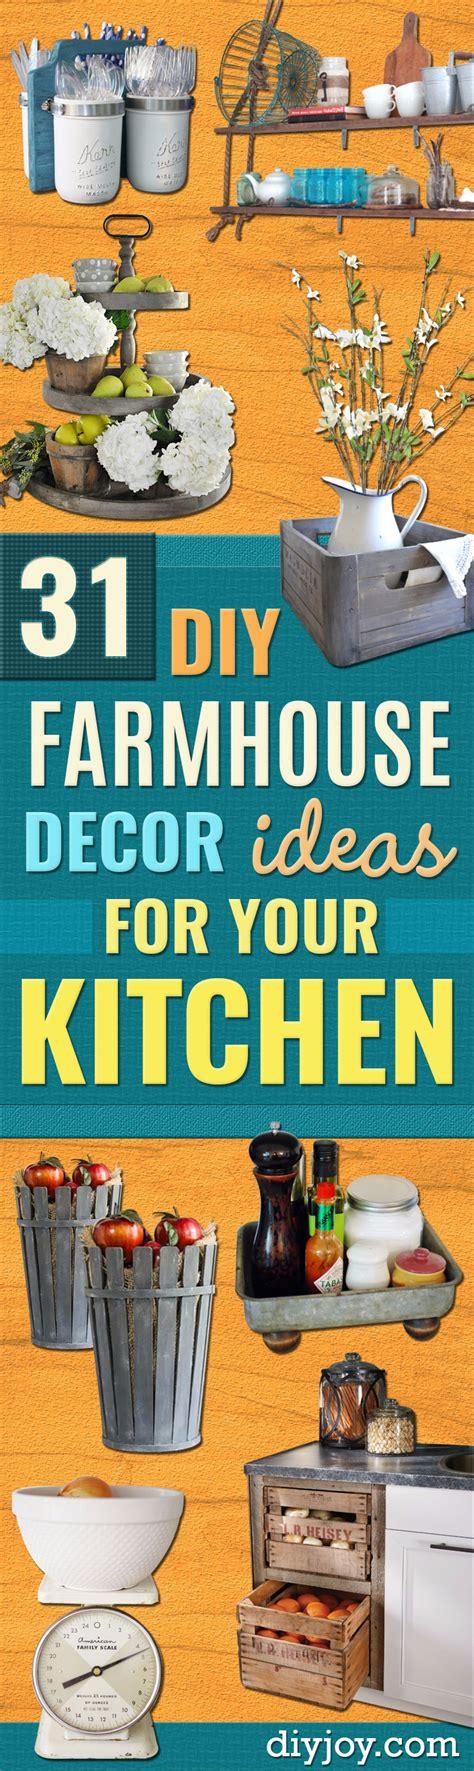 diy kitchen wall ideas 31 diy farmhouse decor ideas for your kitchen